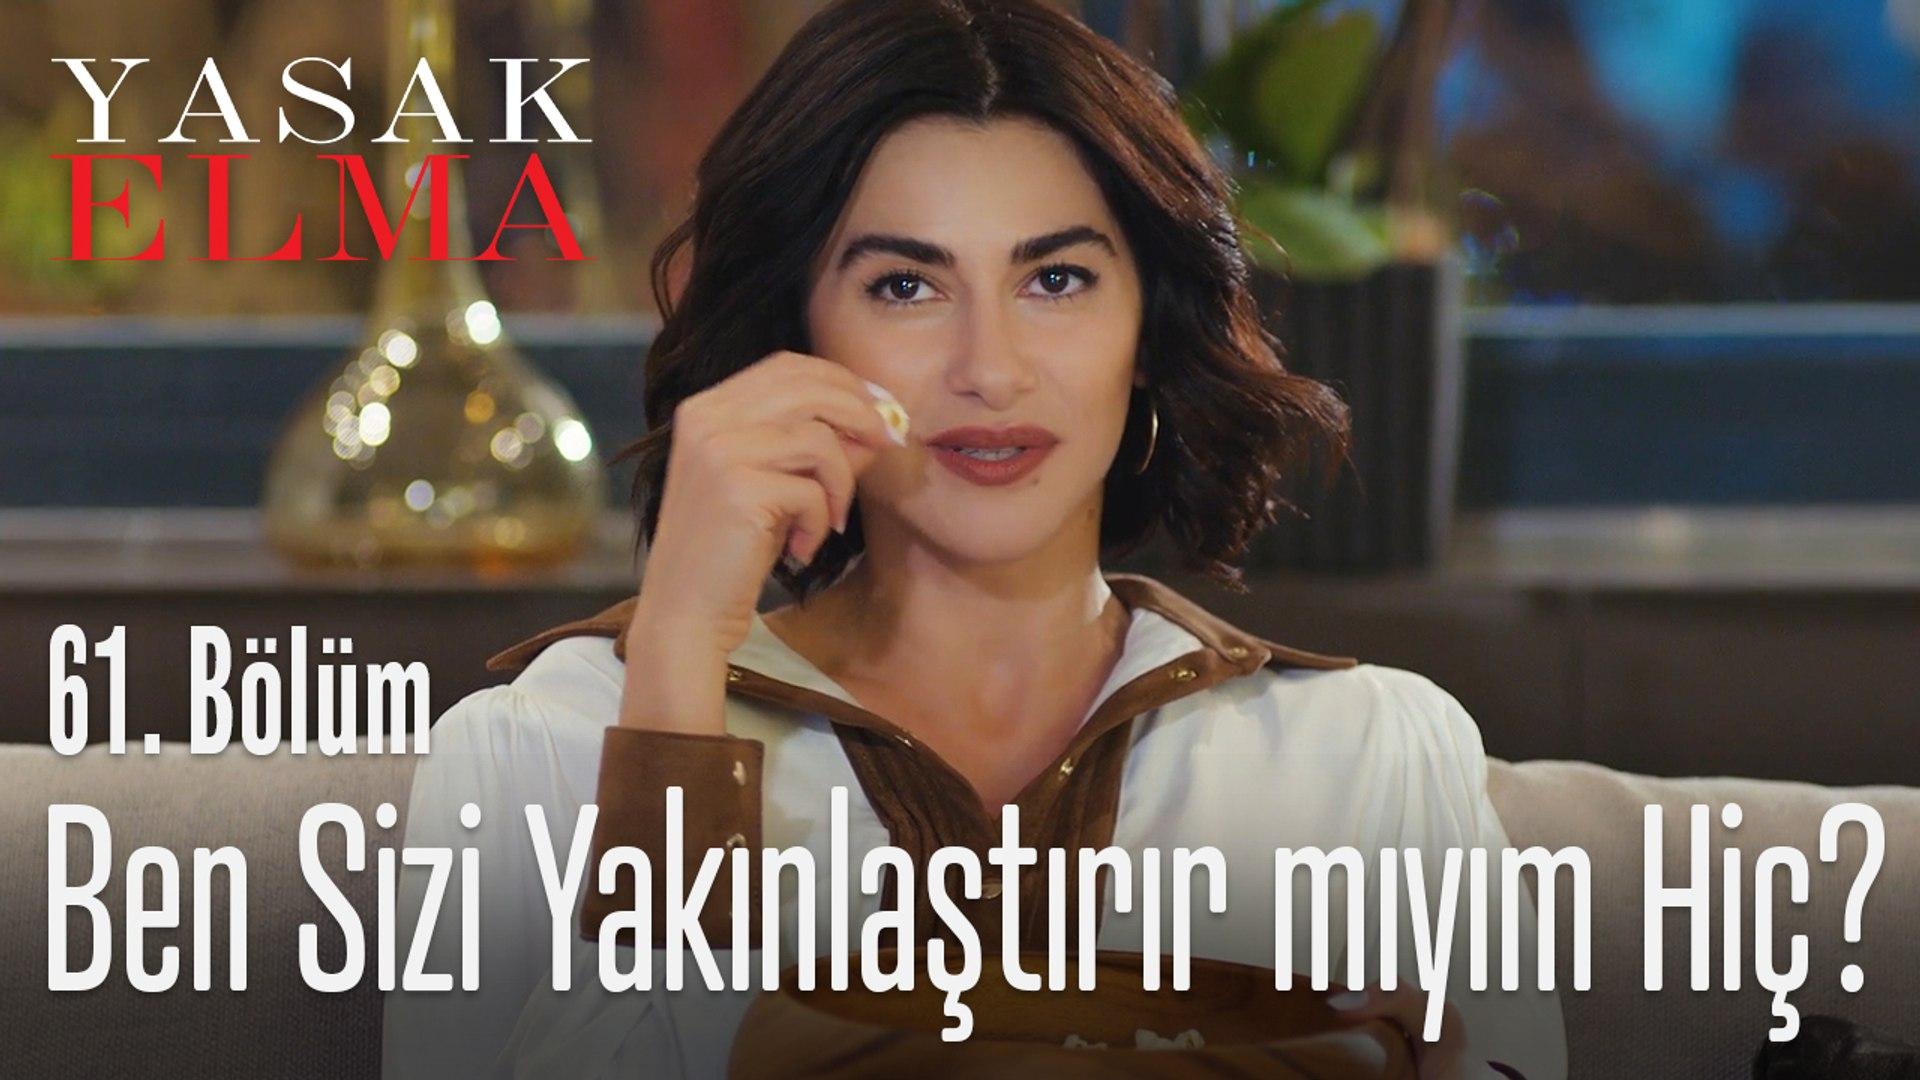 Şahika film keyfini böldü - Yasak Elma 61. Bölüm